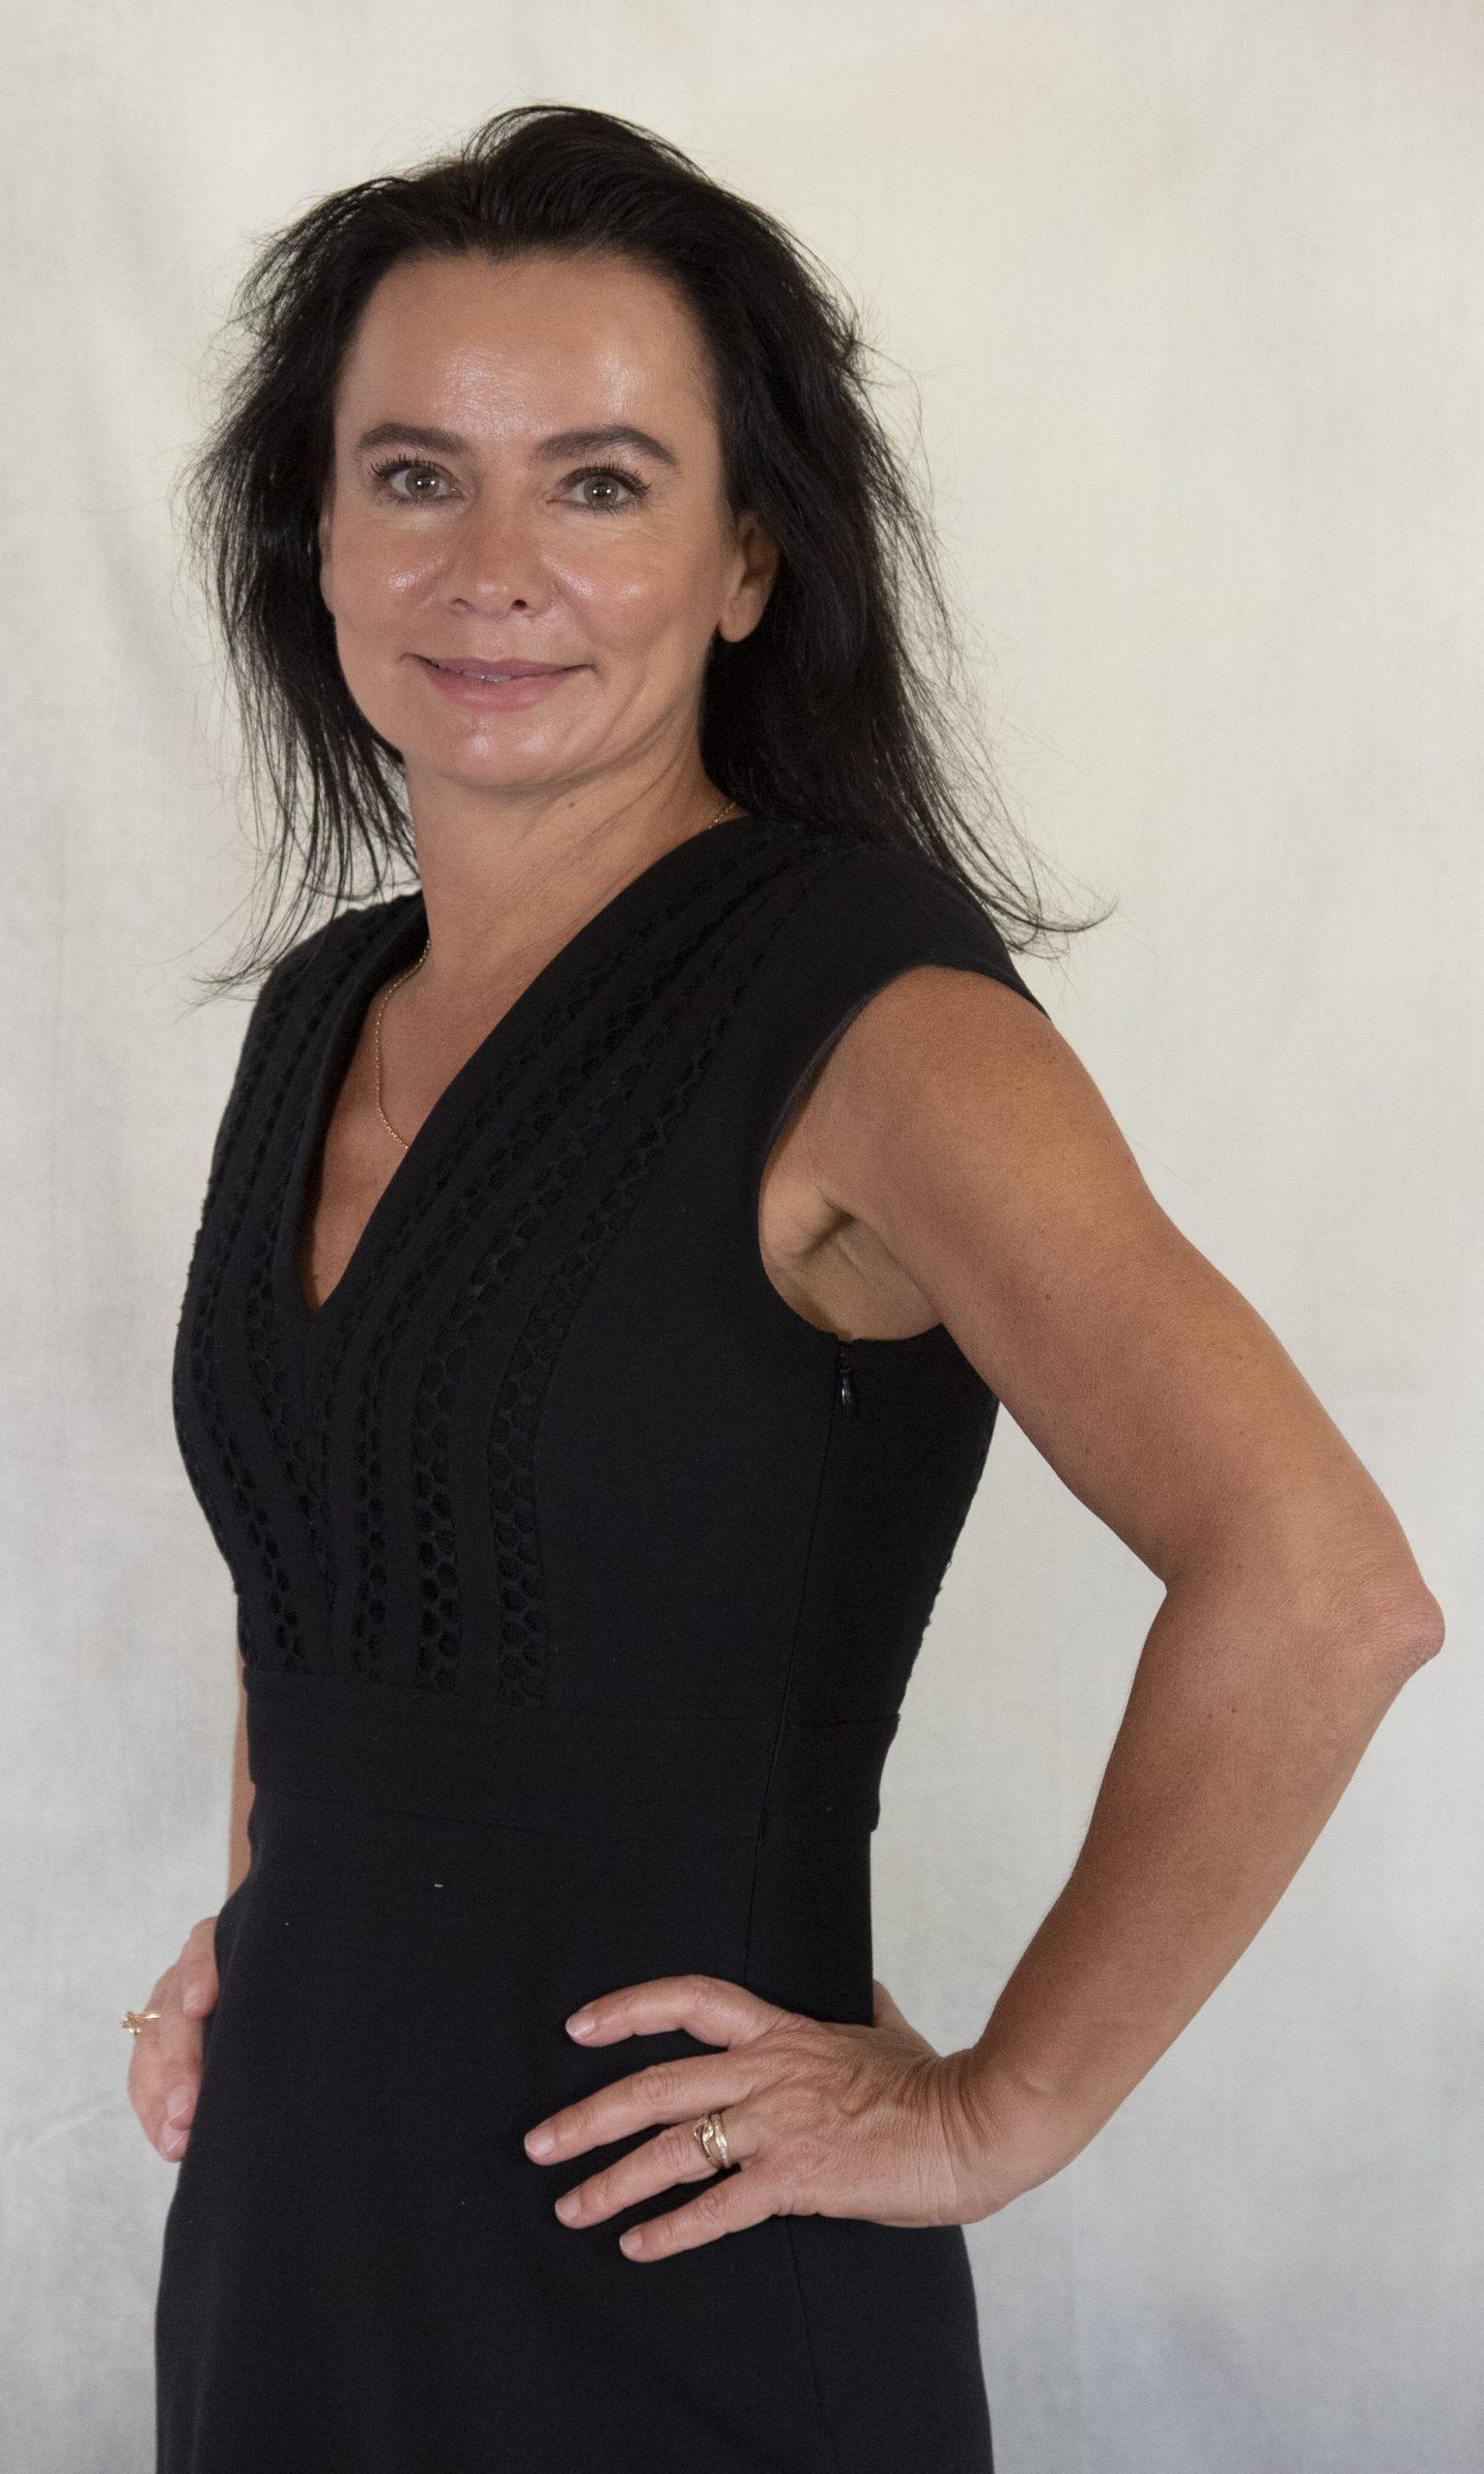 Nathalie Duny